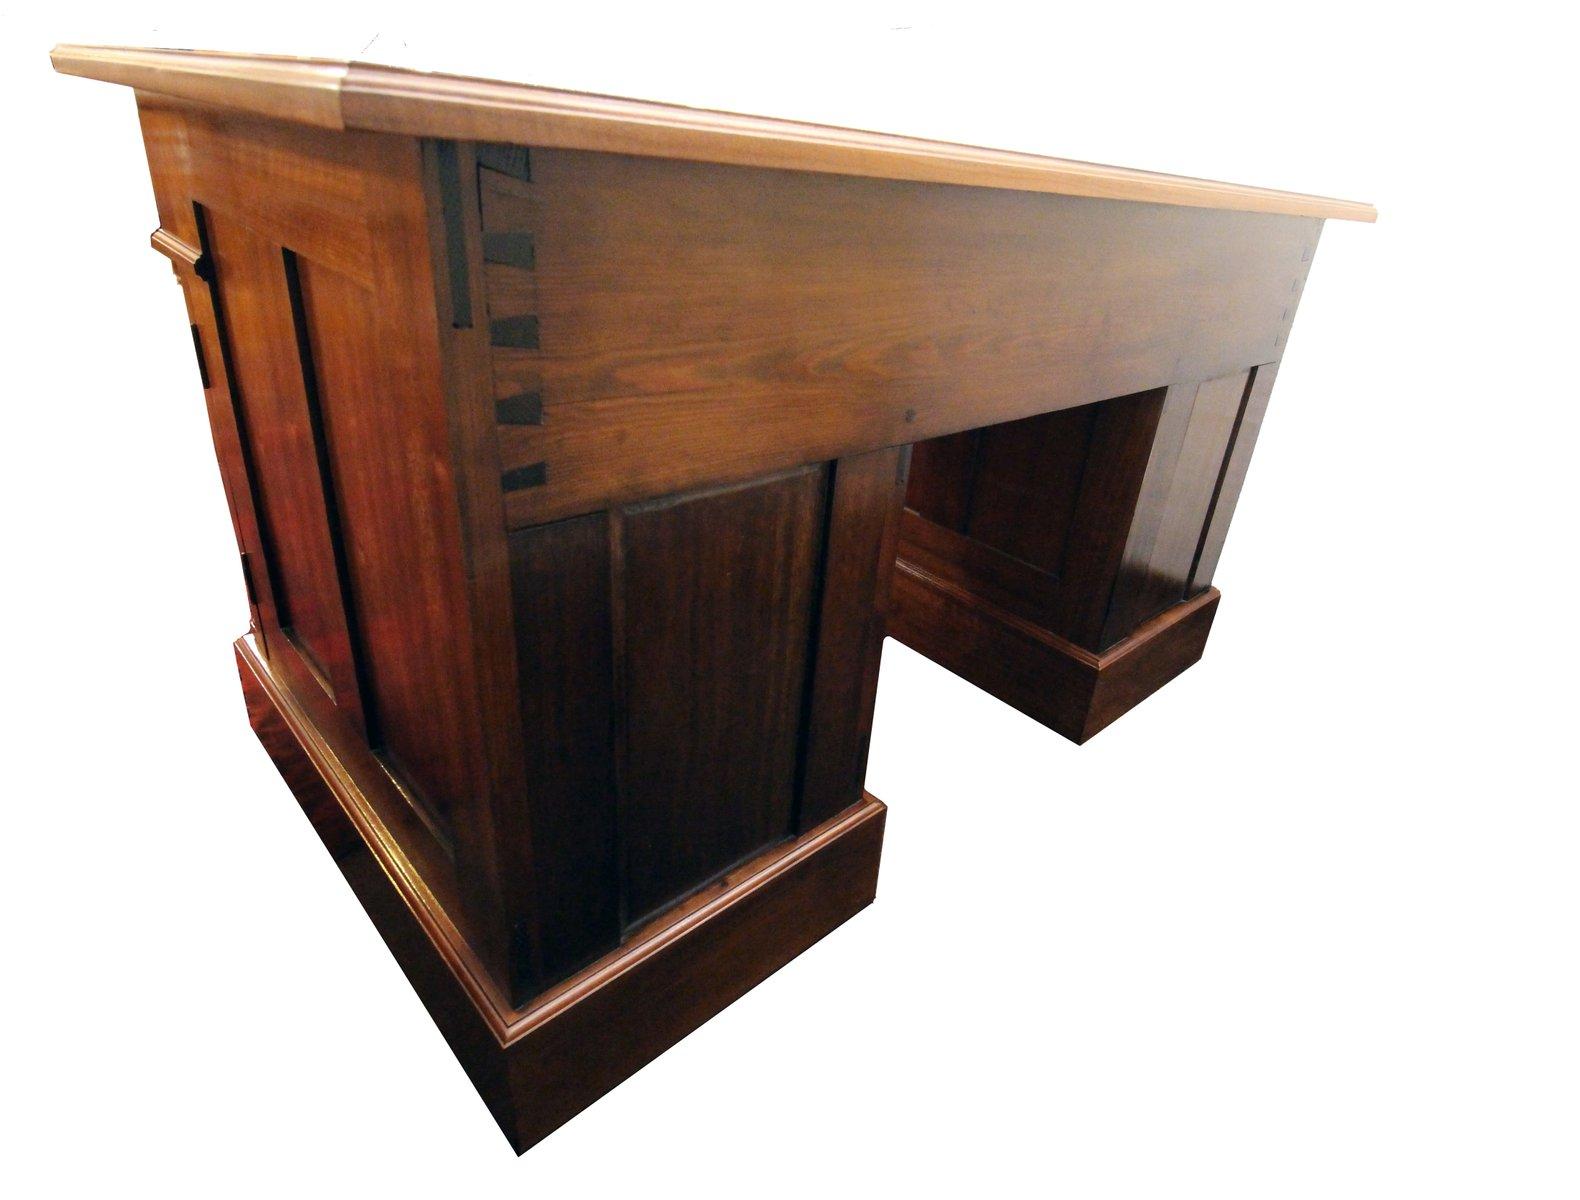 antiker jugendstil schreibtisch mit leder schreibauflage bei pamono kaufen. Black Bedroom Furniture Sets. Home Design Ideas